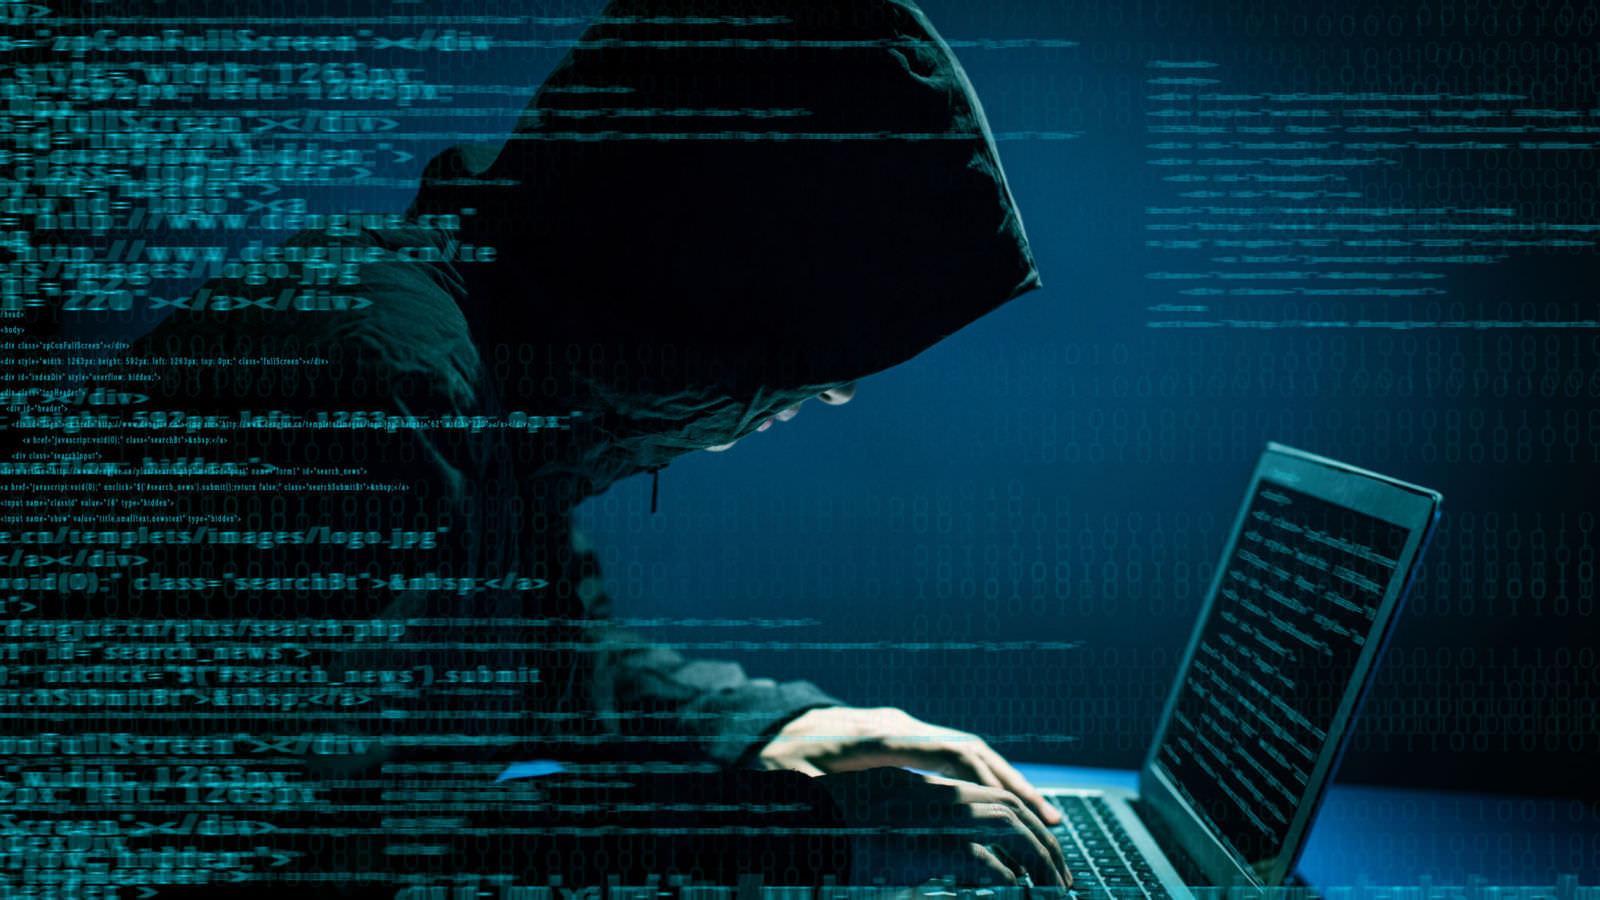 Специалисты: Хакеры научились повторно загружать вирусы вGoogle Play